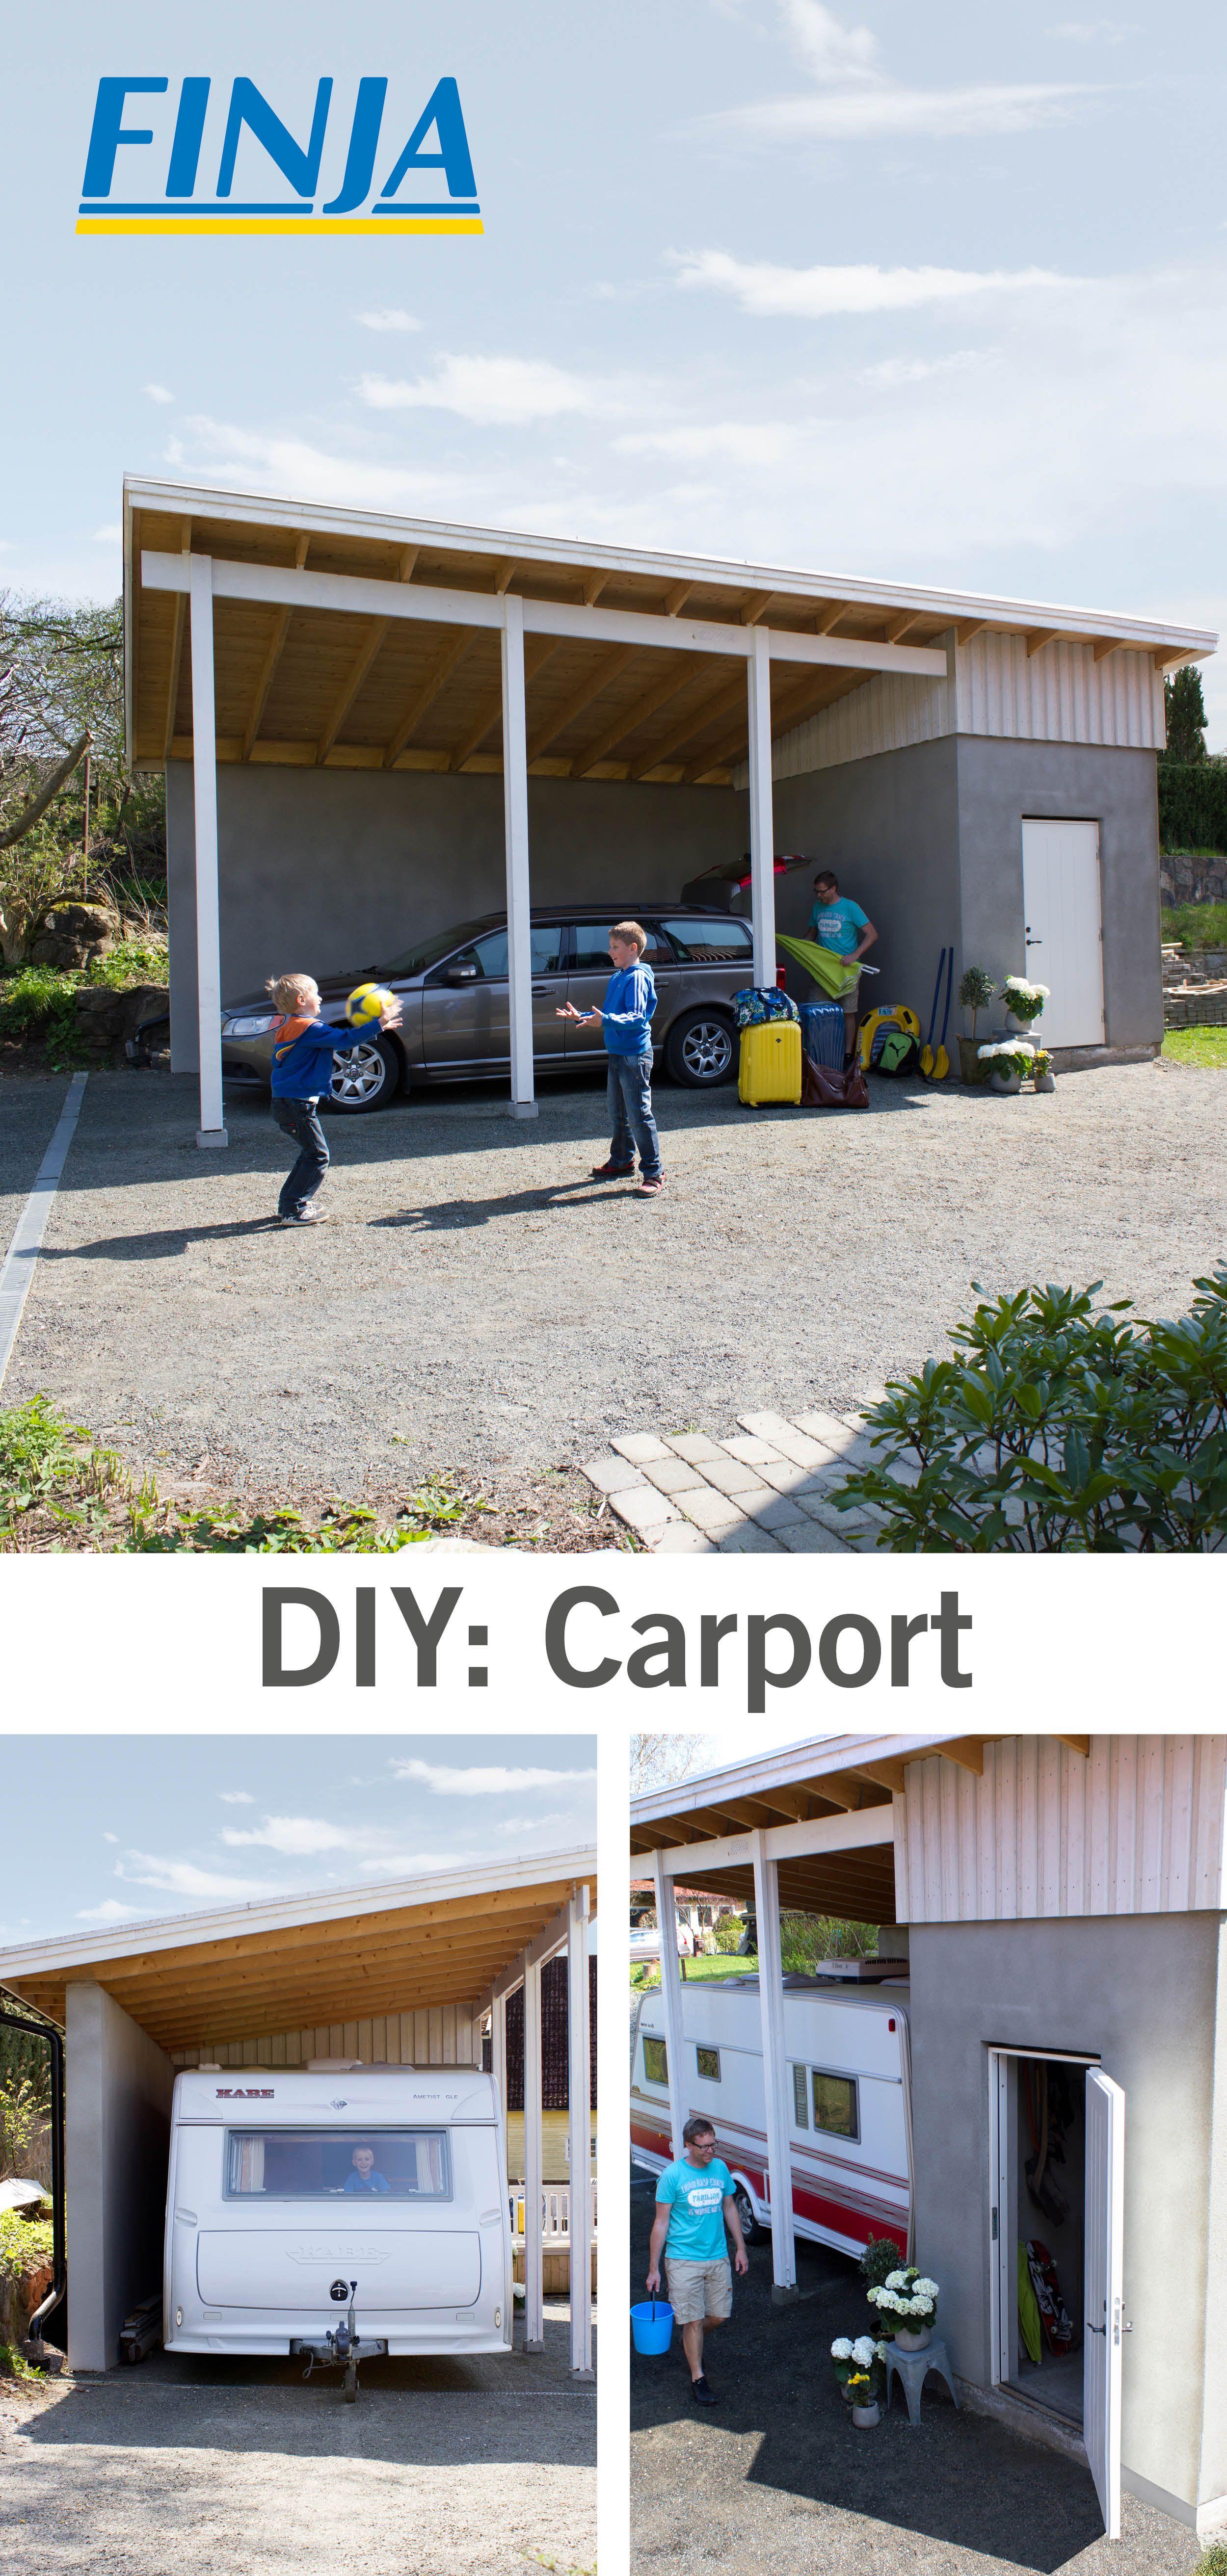 En plats för både bil, fordon eller husbil. Med en carport